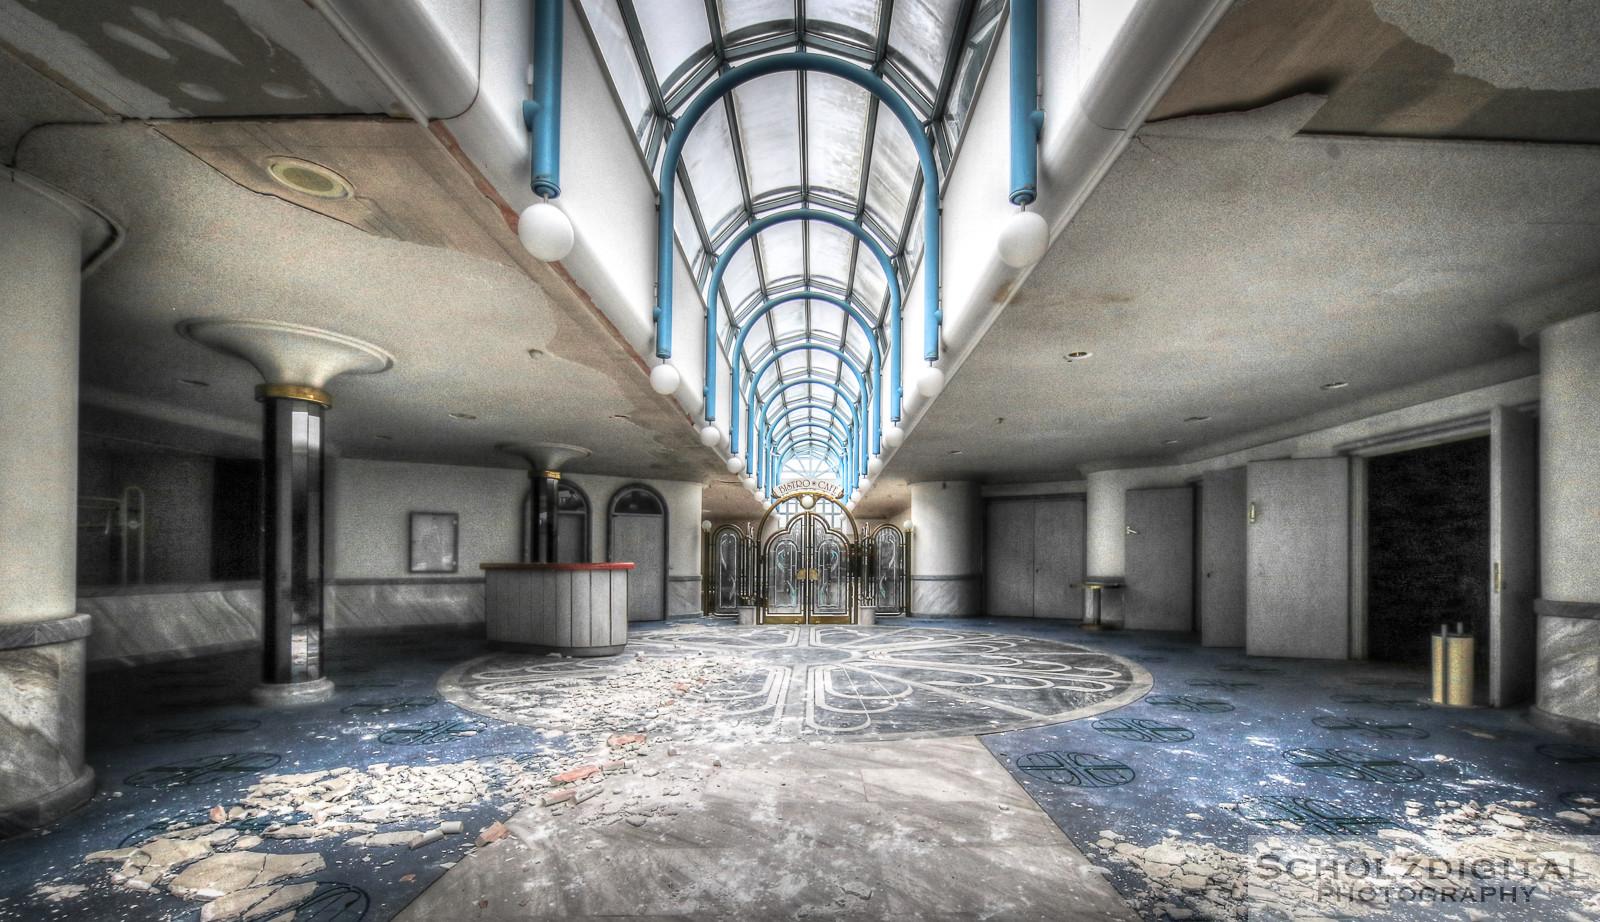 Abandoned, beelden, Decay, forgotten, Hotel, Kurhaus, Kurhotel, Lost Place, Theater, Urban exploration, Urbex, urbexlocatie, verlassen, Verlassene Orte